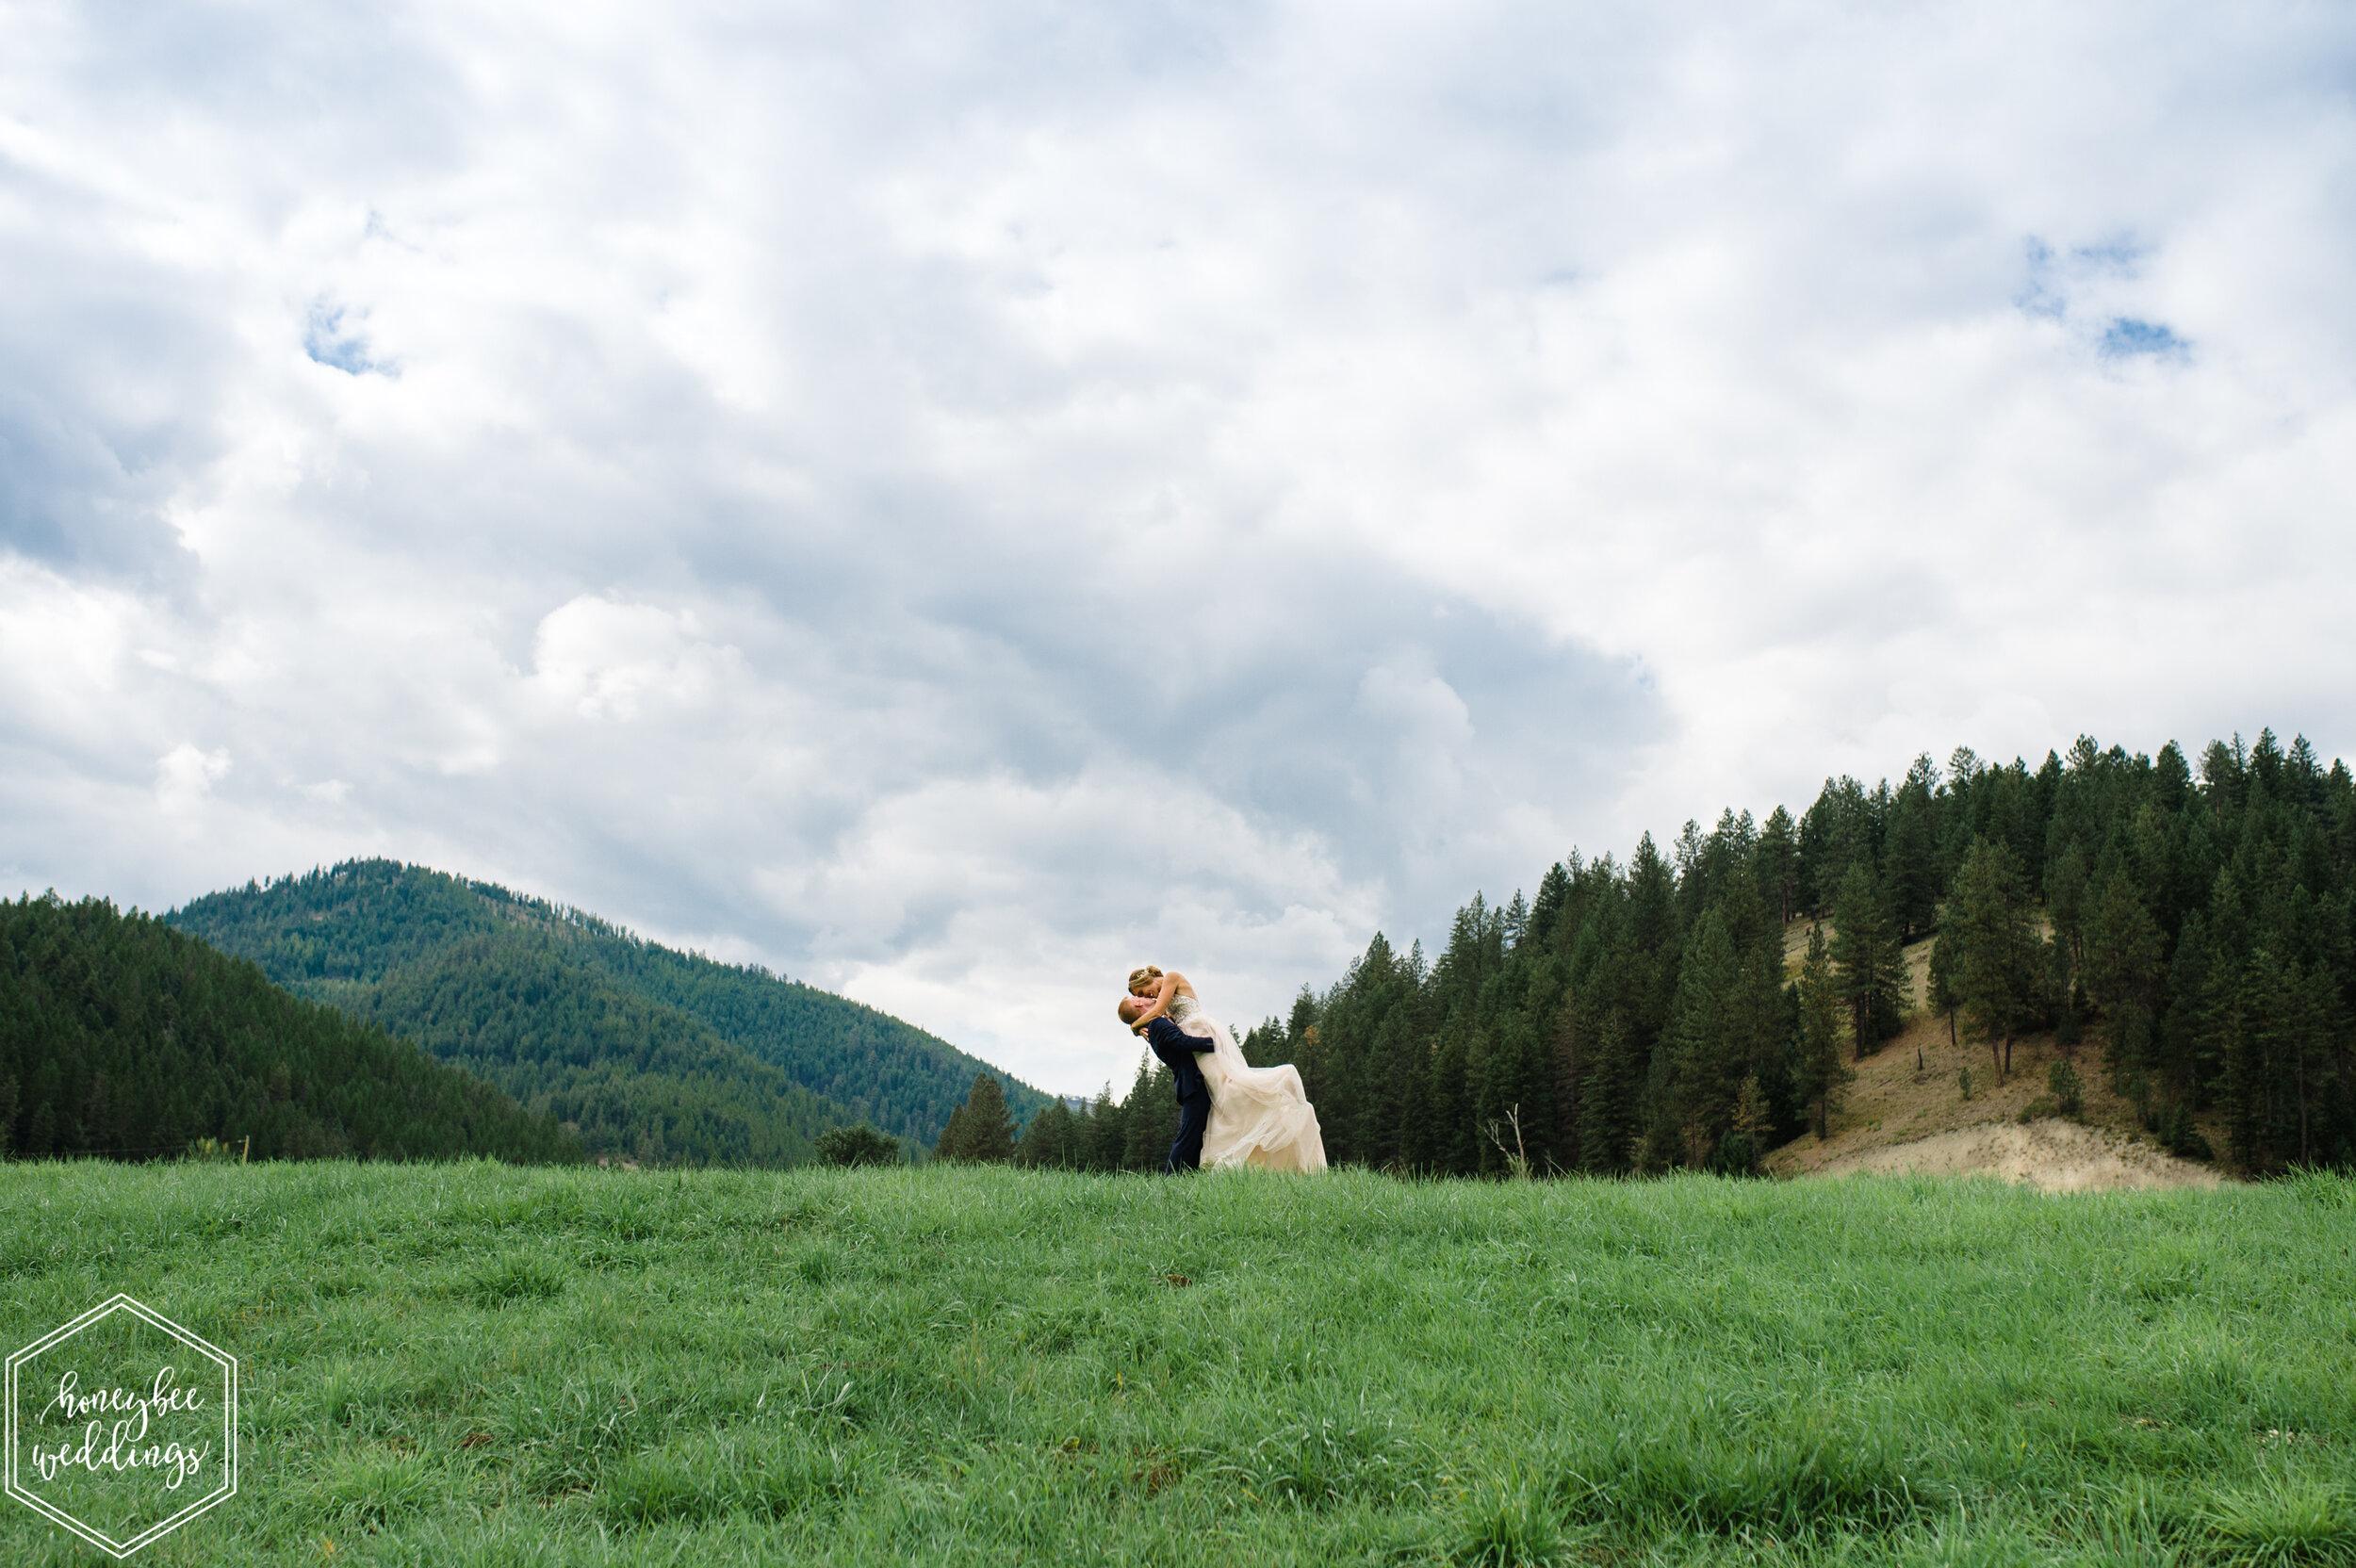 051Seven Mile Meadows Wedding_Montana Wedding Photographer_Jamie & Wes_Honeybee Weddings_September 07, 2019-1080.jpg